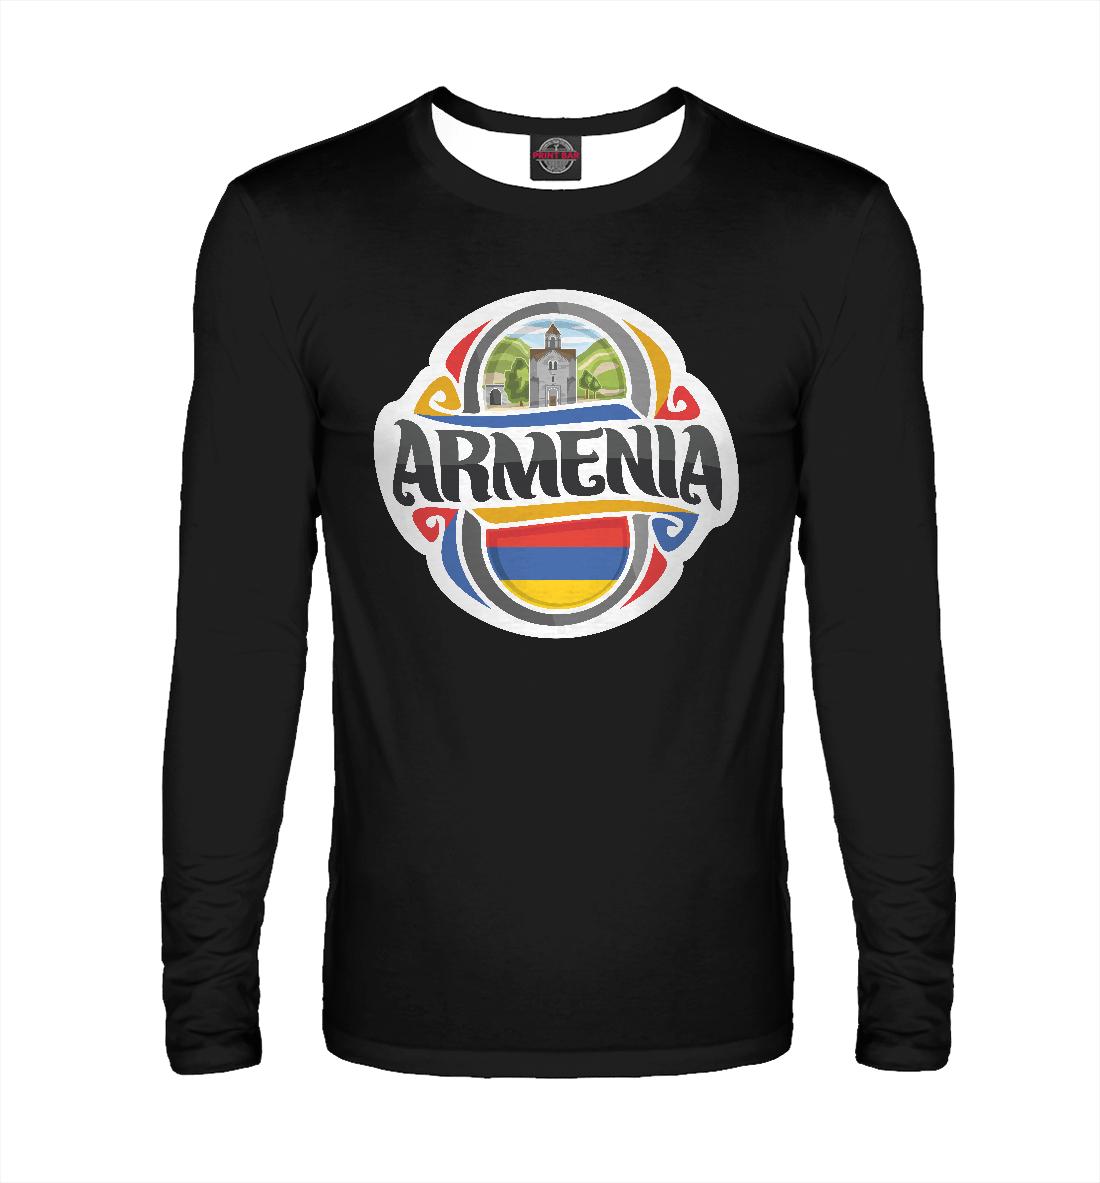 Лонгслив Армения (394912)